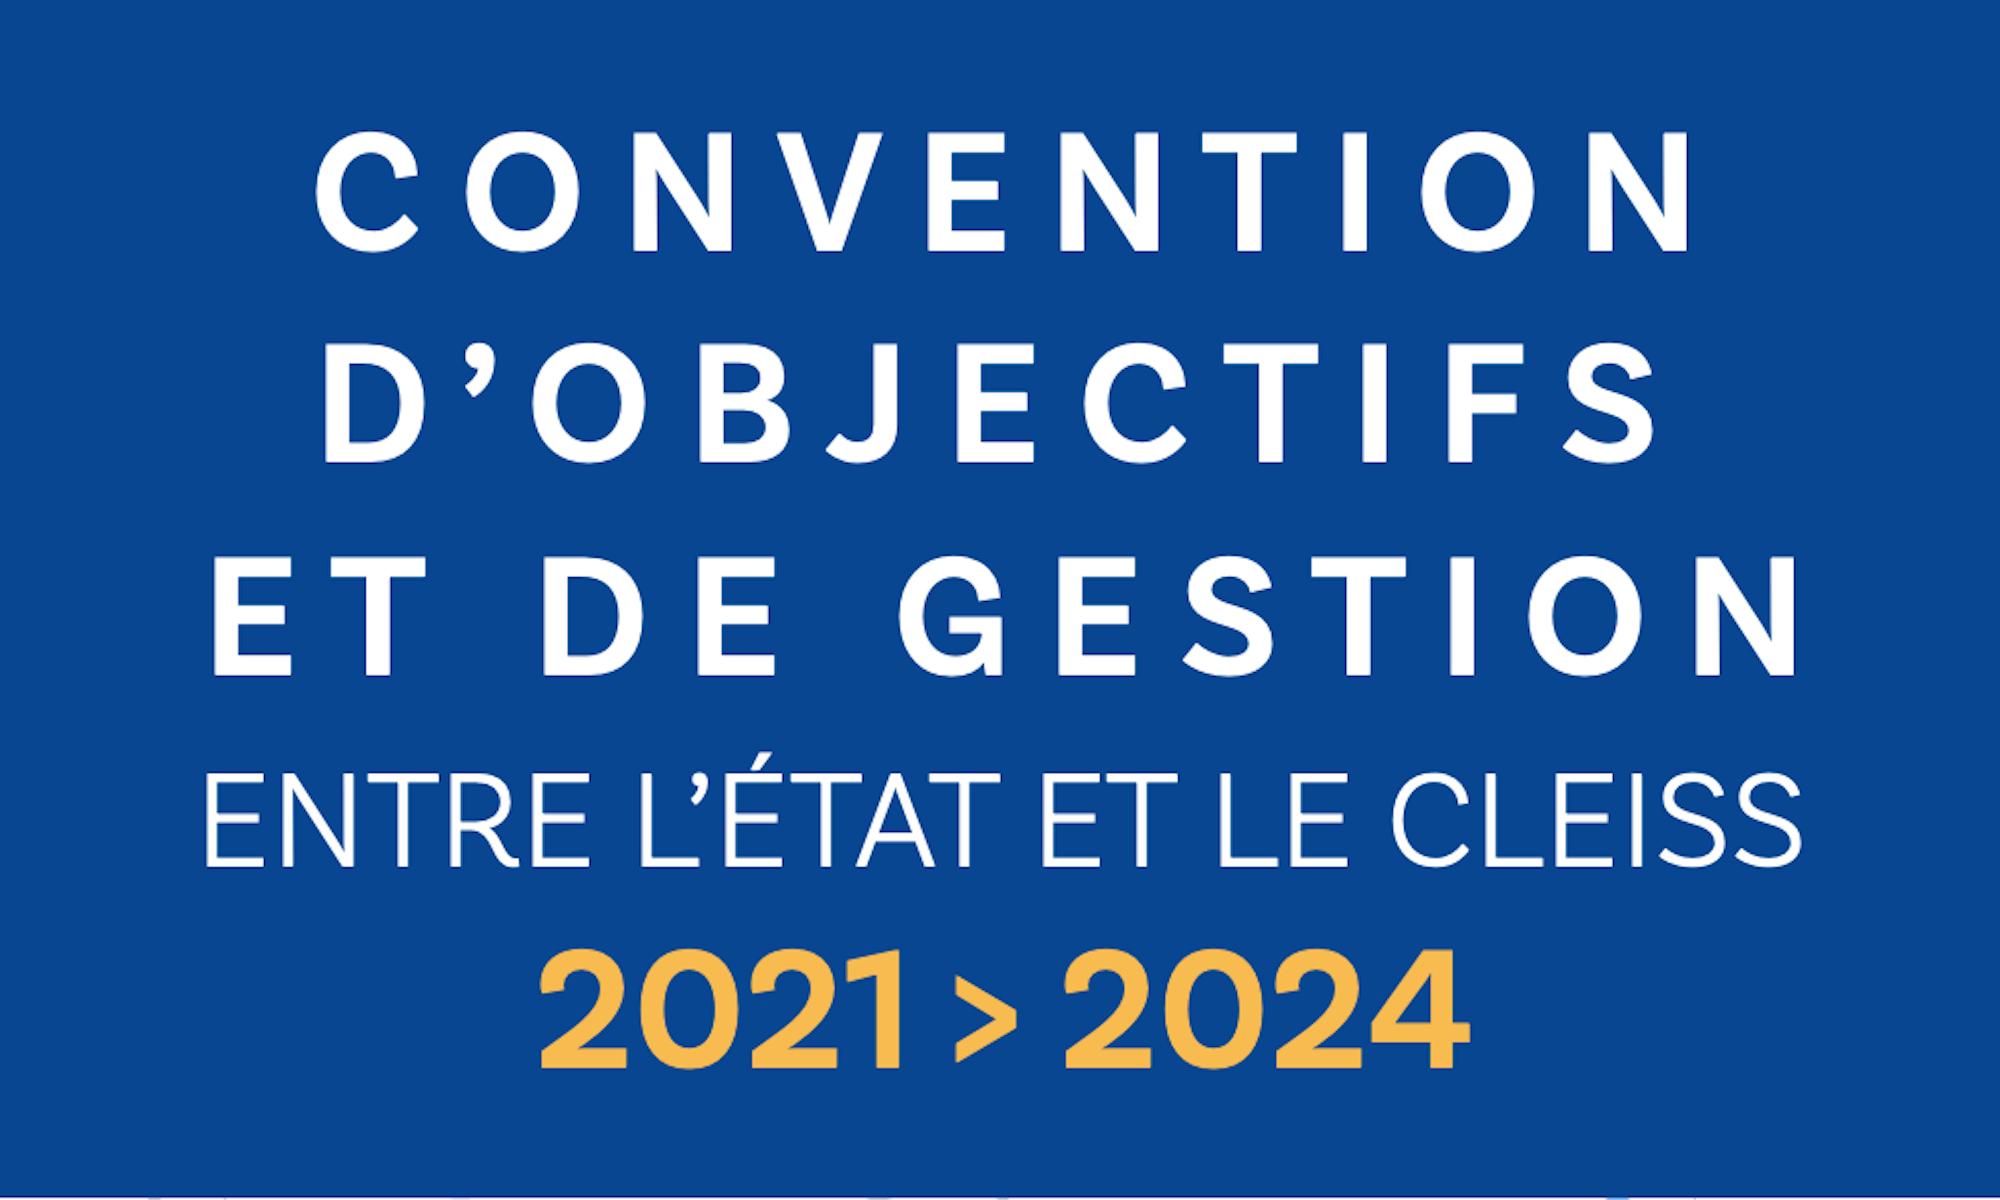 Les nouvelles perspectives du Cleiss 2021-2024